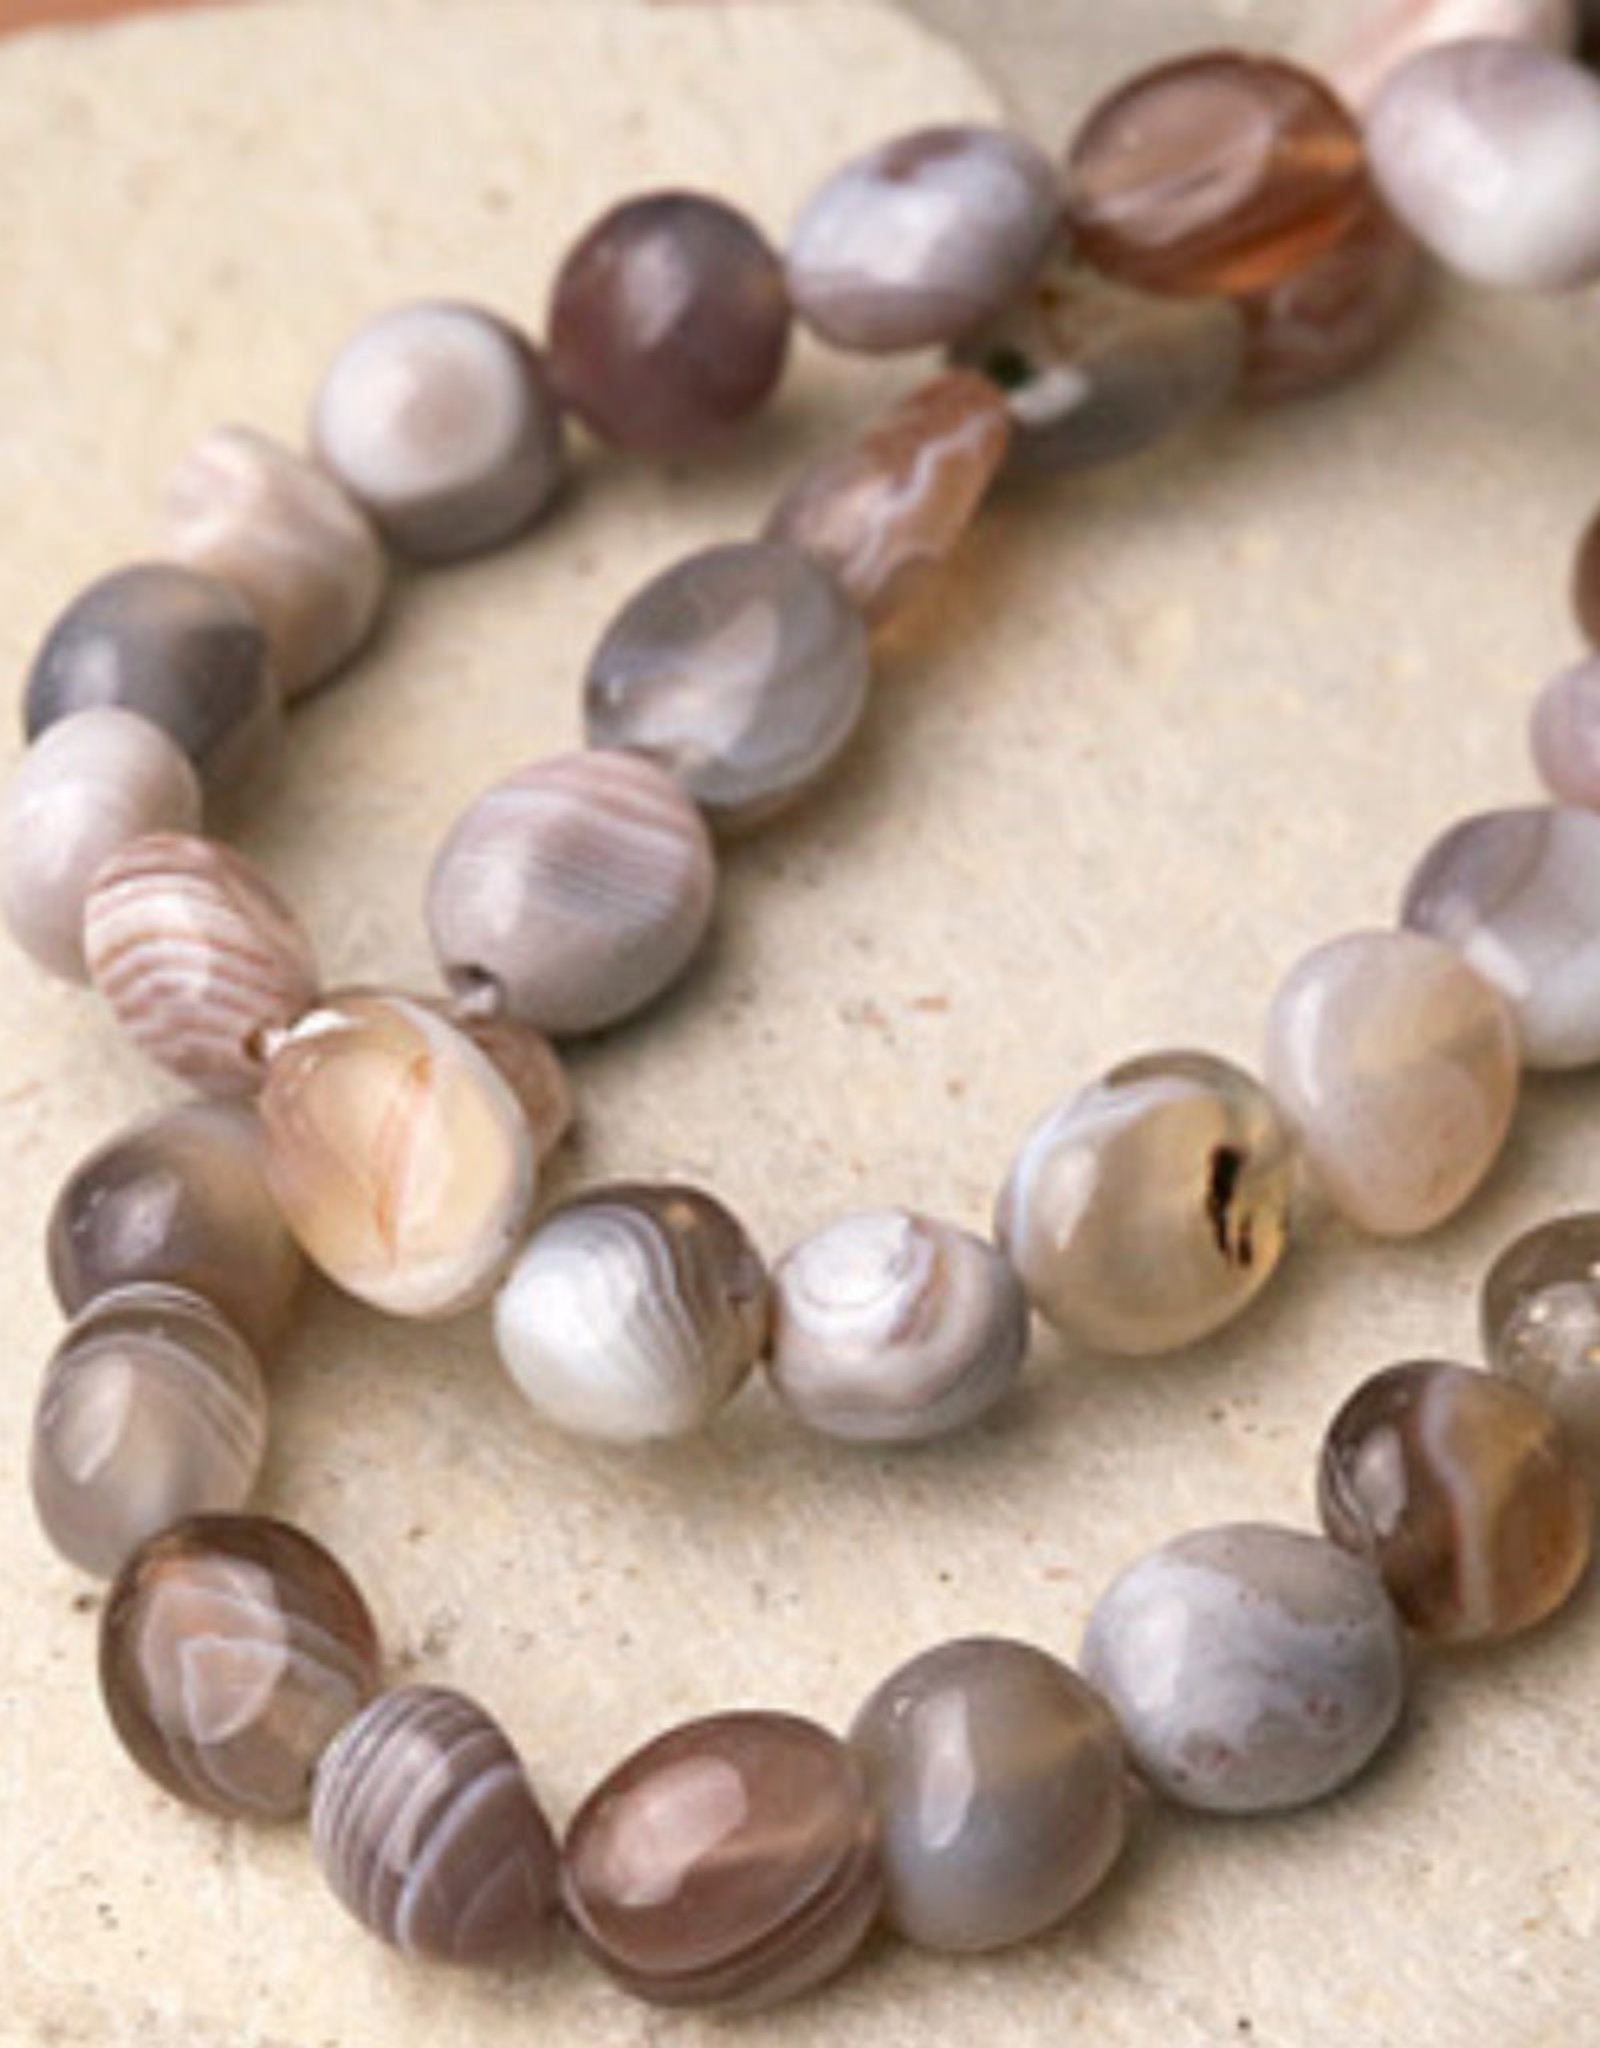 Botswana Agate Tumbled Bracelet